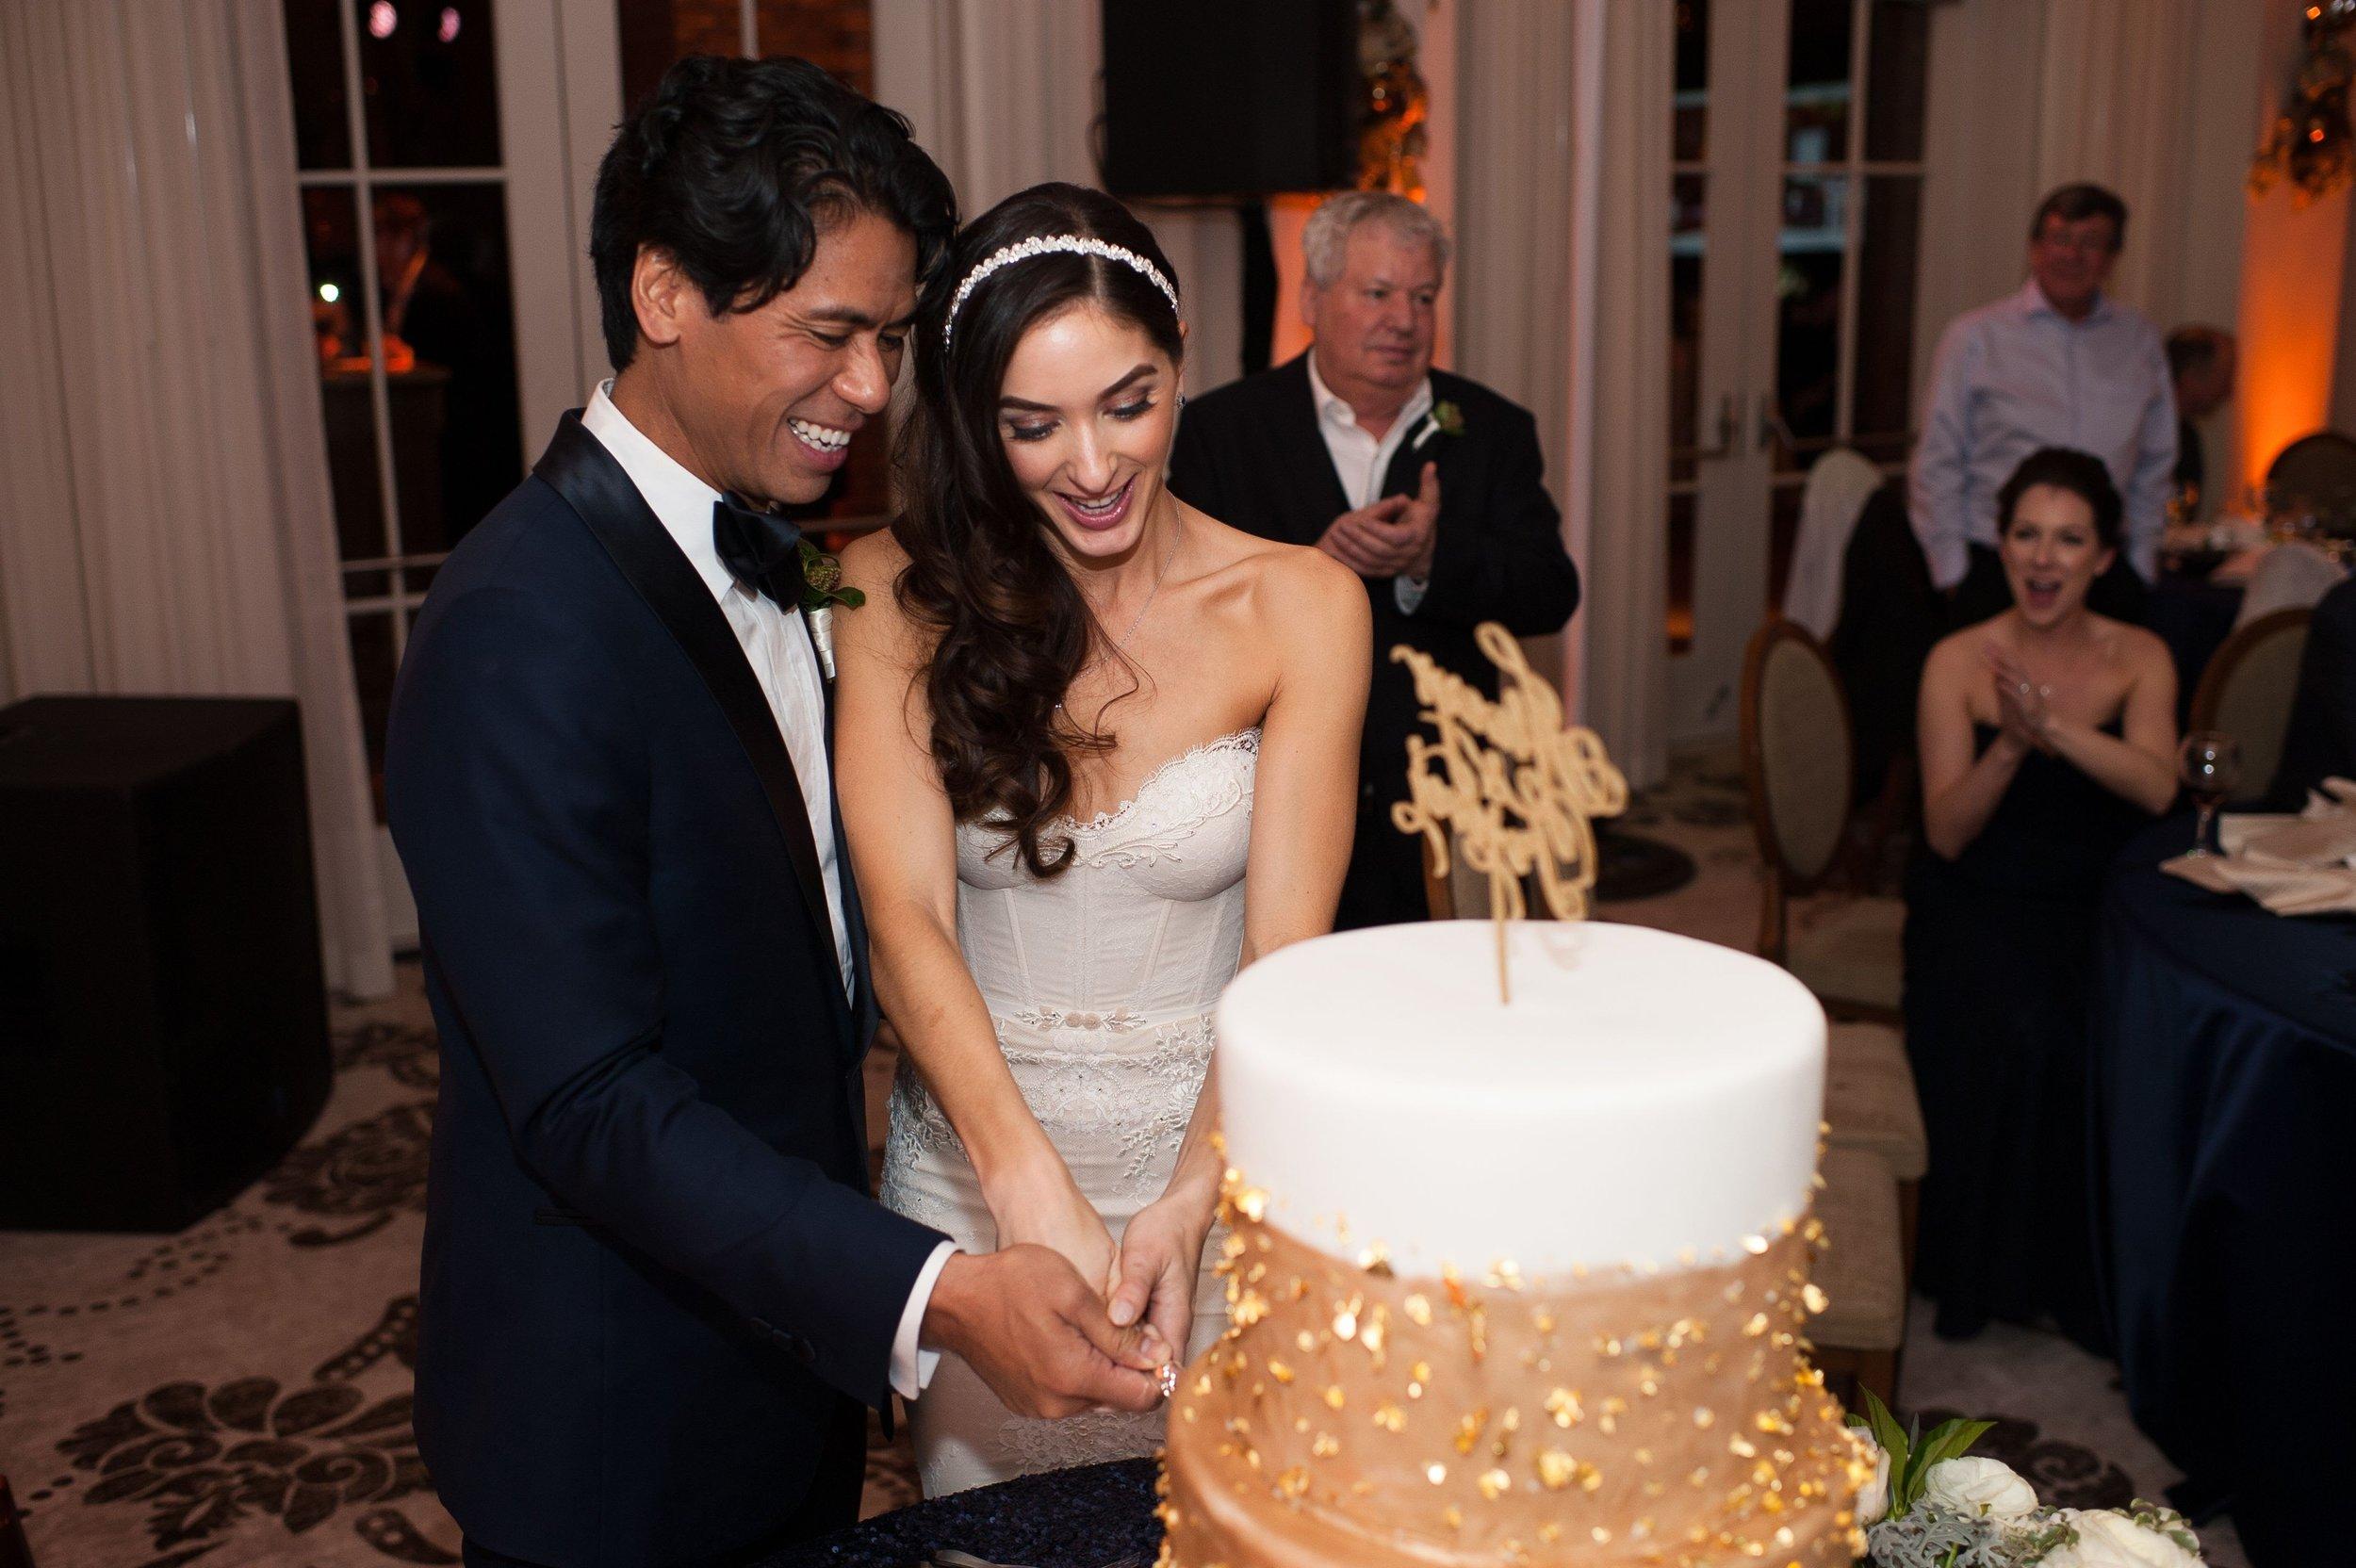 Felici Events | Wedding Planer | El Encanto Wedding | Santa Barbara Wedding | Wedding Planning | Wedding Reception | Mr & Mrs | Cake